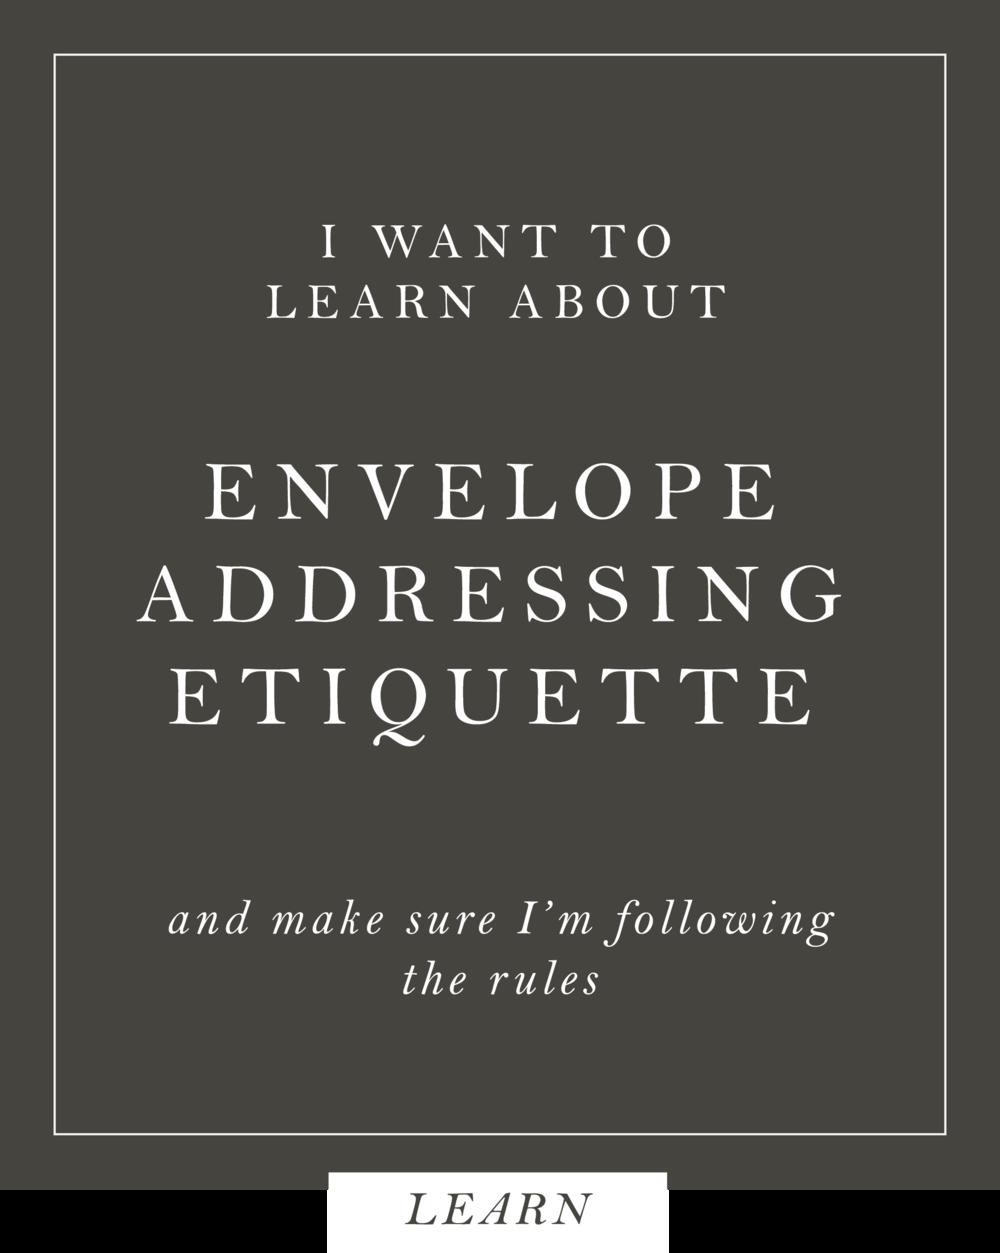 envelope addressing.png